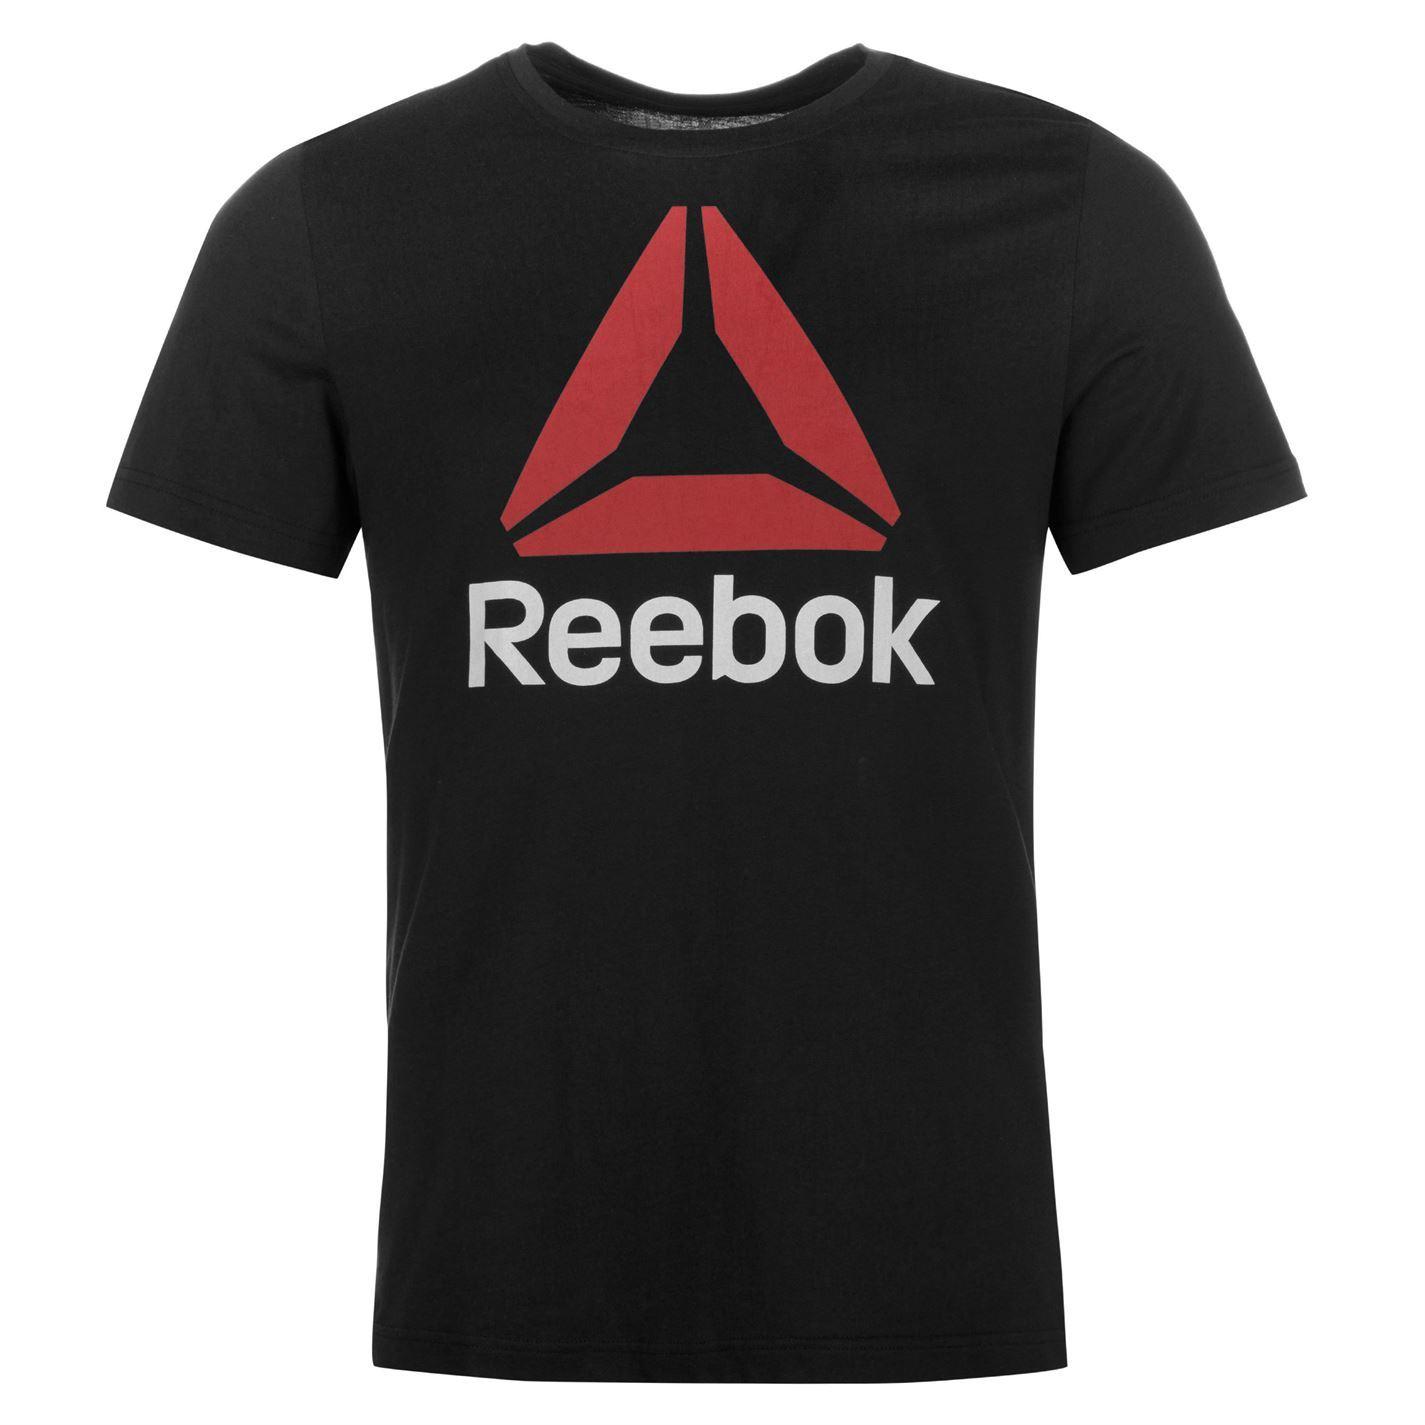 Reebok-Stack-Delta-Logo-T-Shirt-Mens-Tee-Shirt-Top thumbnail 6